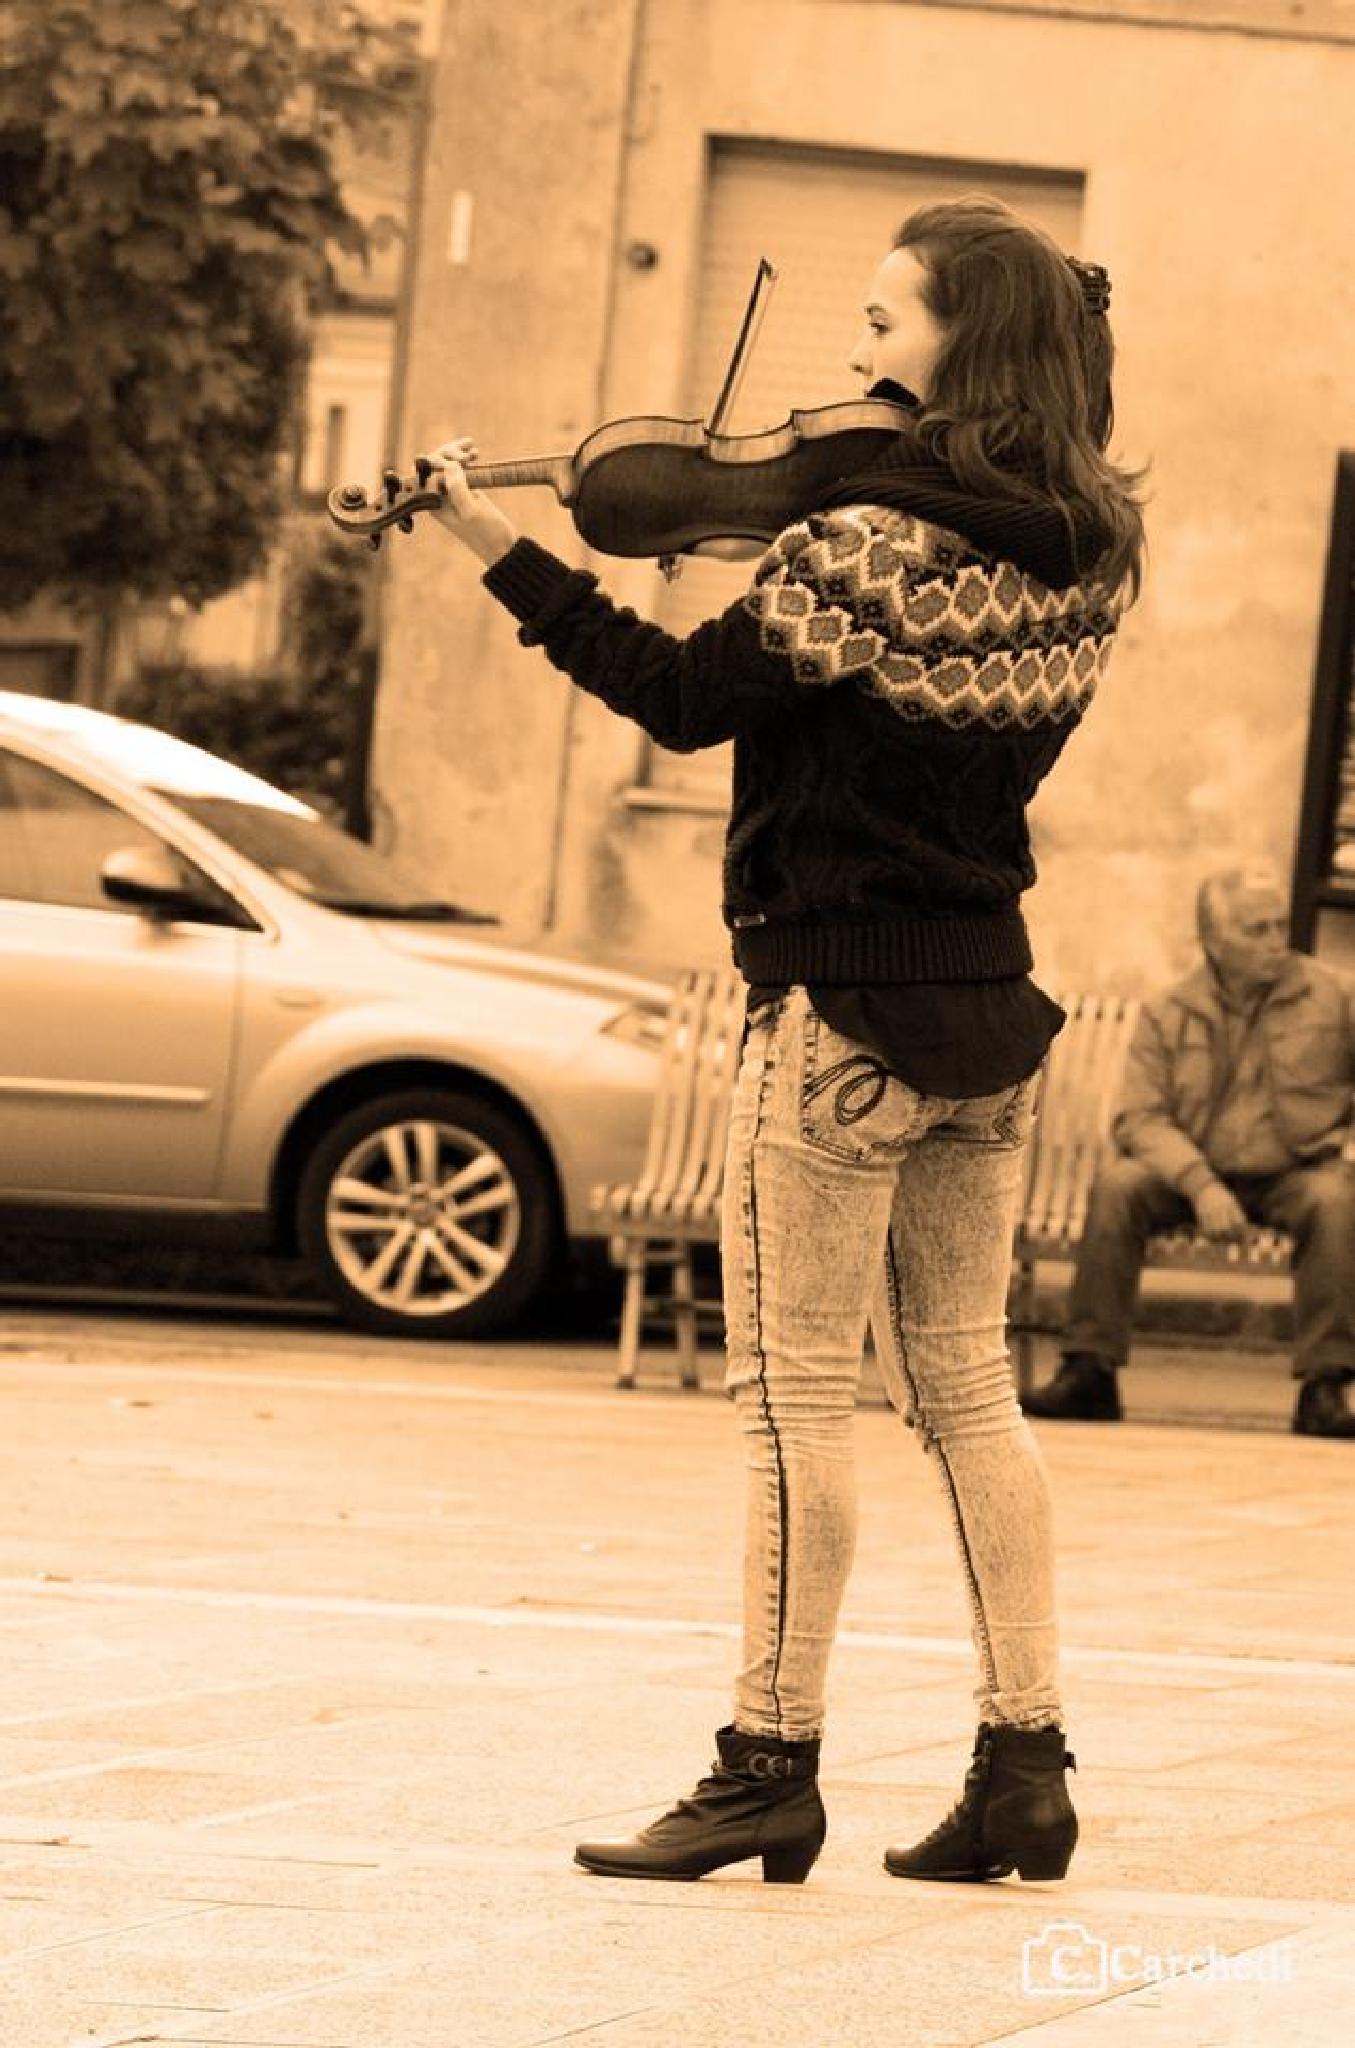 Concorso musicale europeo Filadelfia by carmelo.carchedi